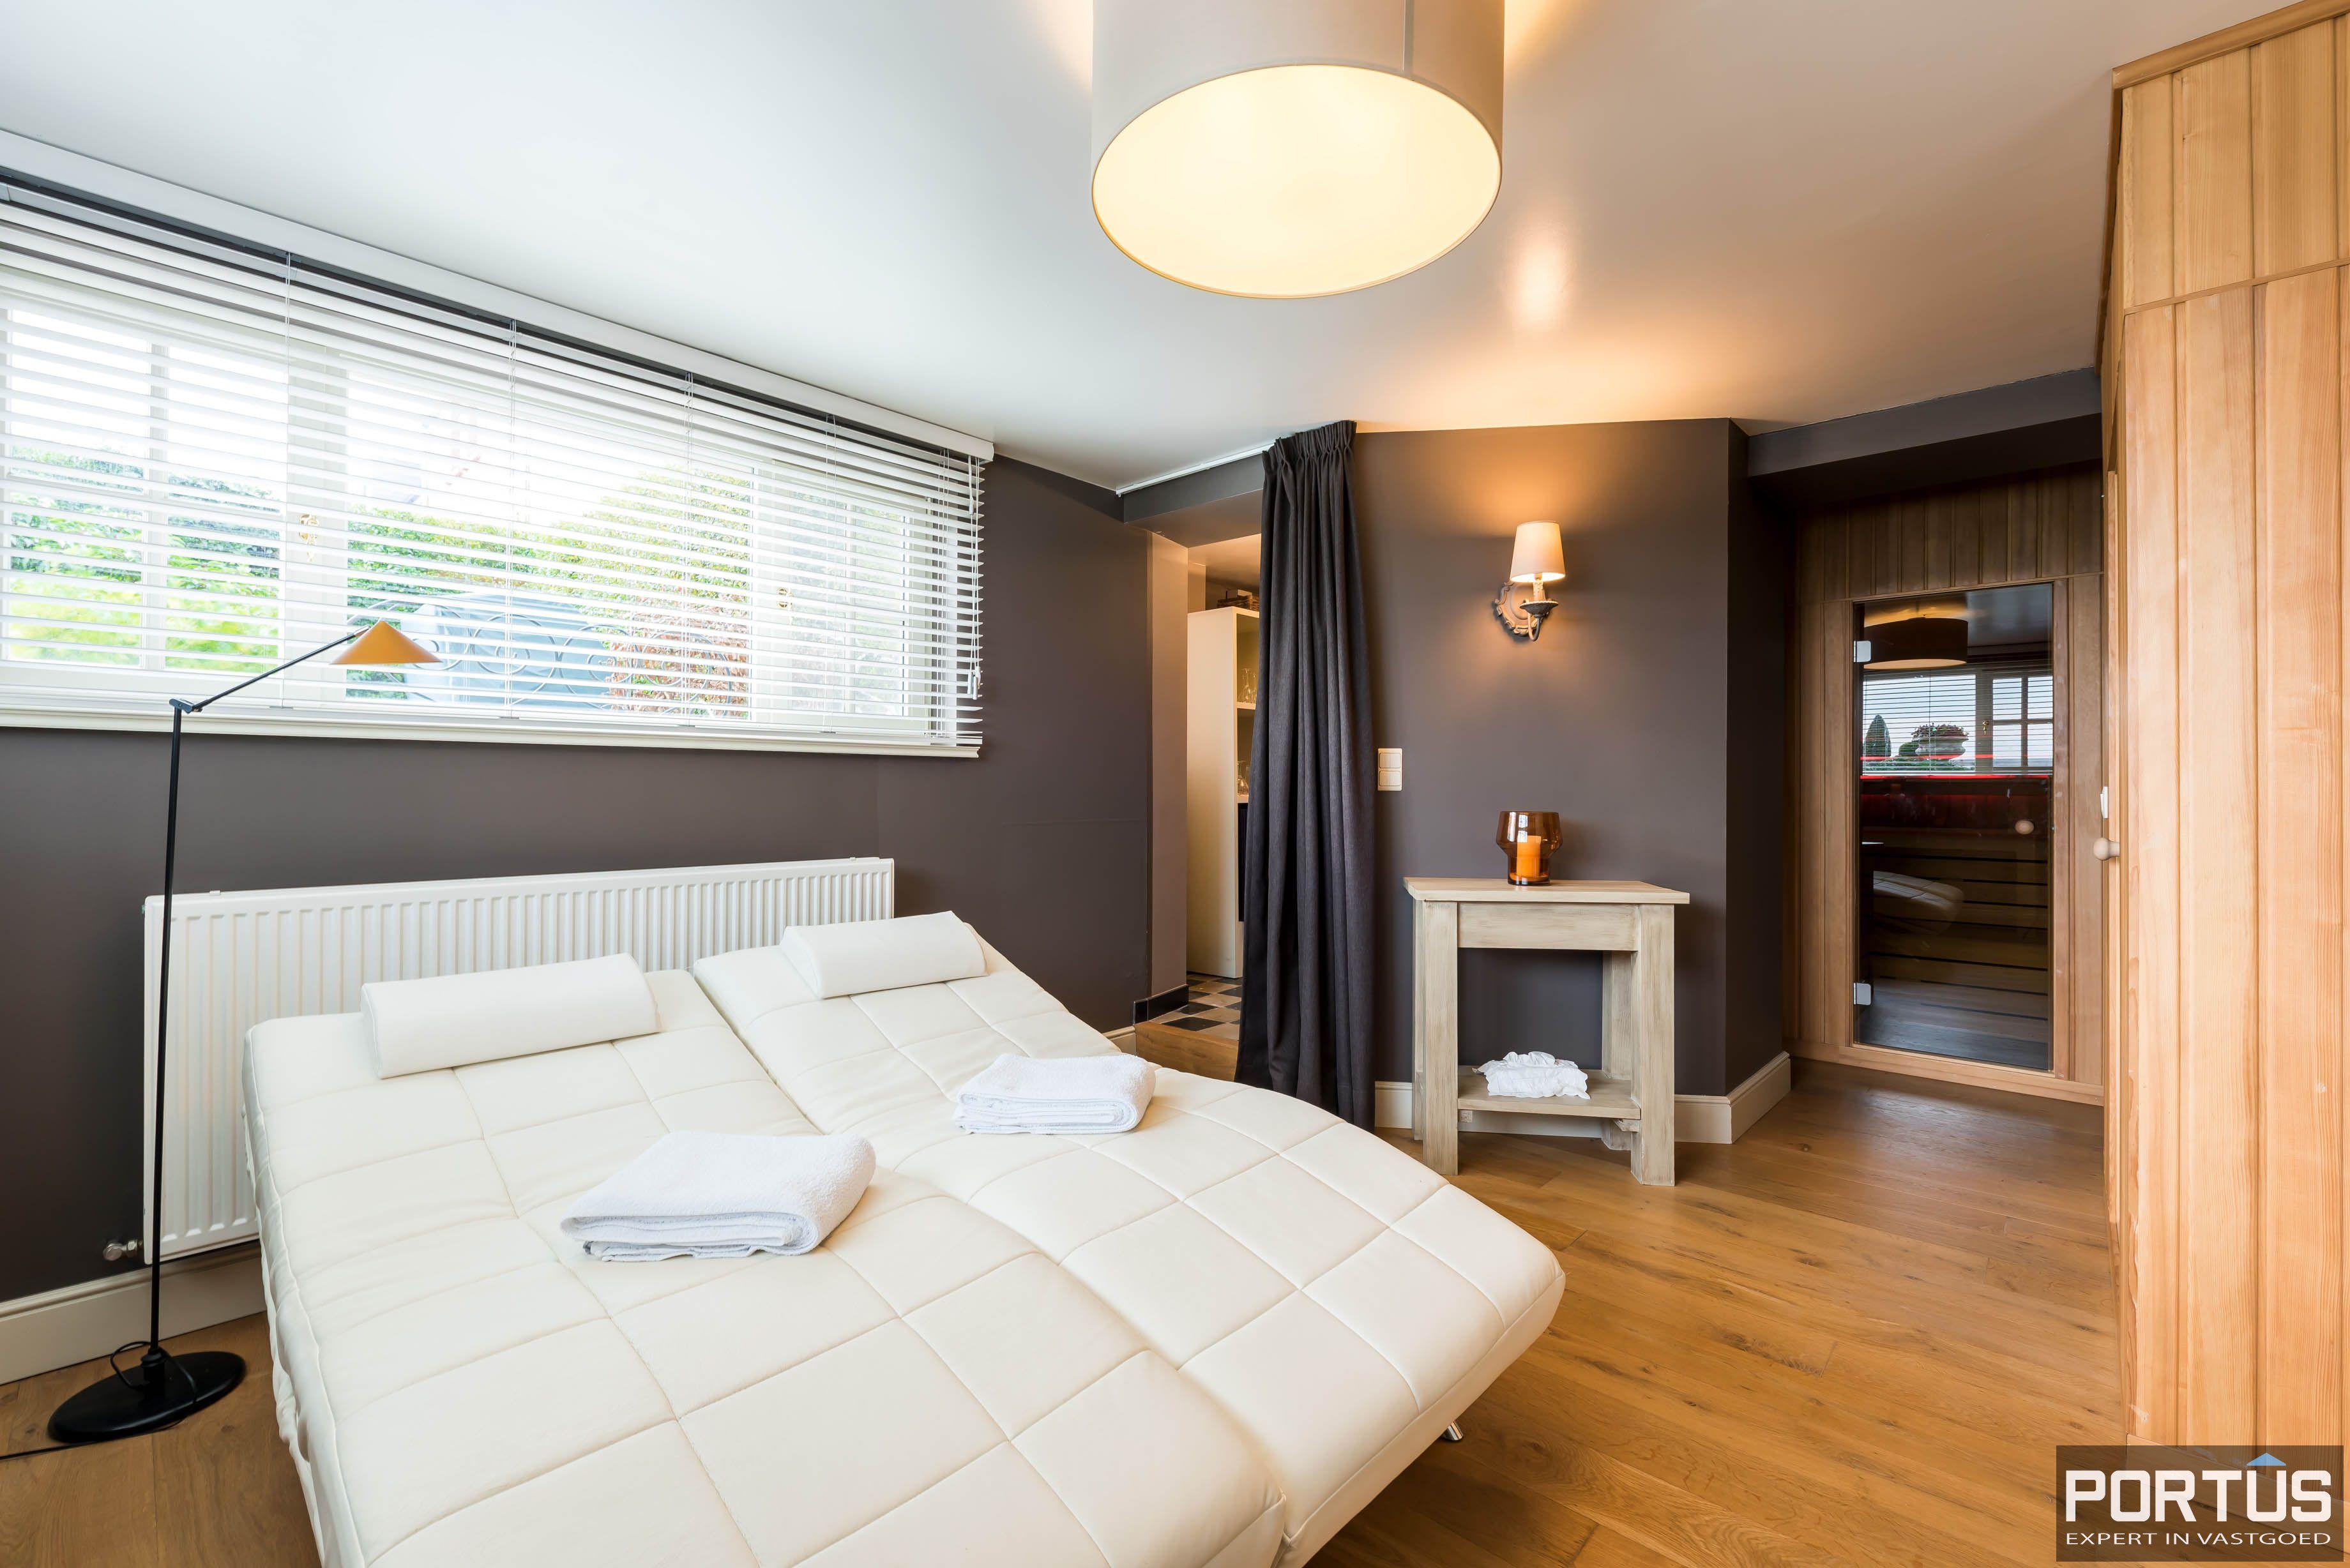 Villa/B&B te koop Westende met 6 slaapkamers - 5465